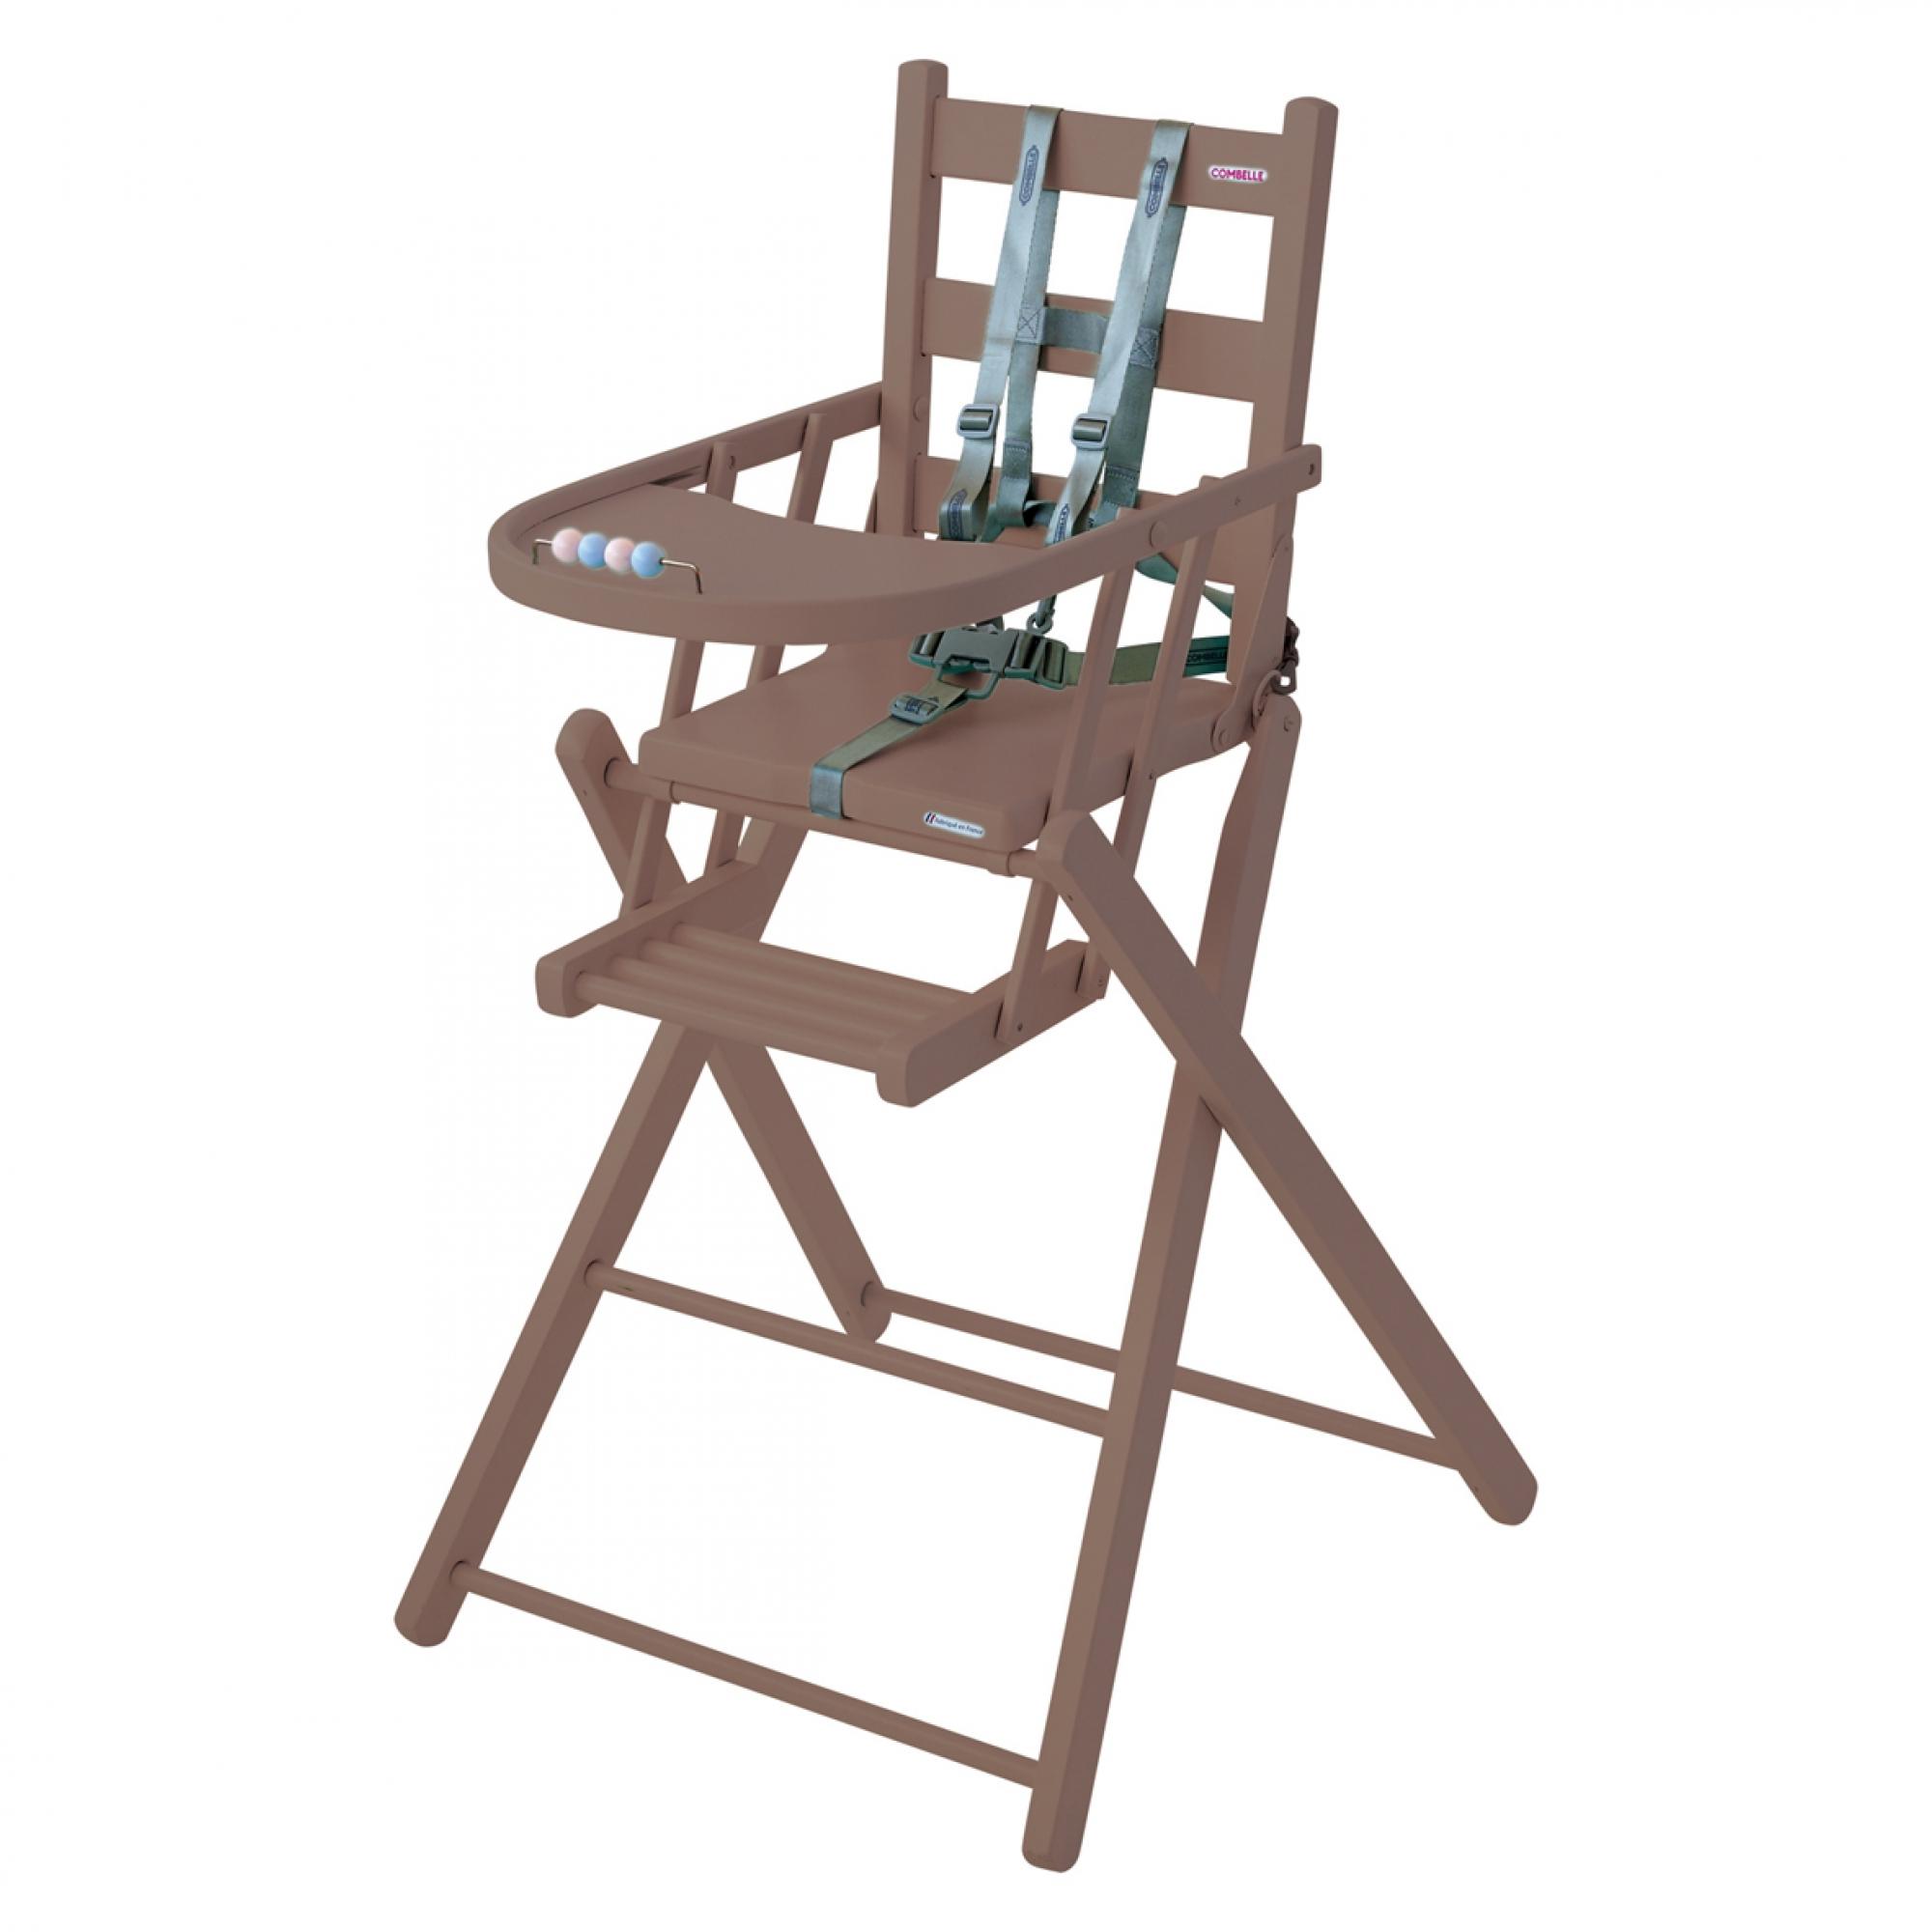 Chaise Haute SARAH extra-pliante laque taupe